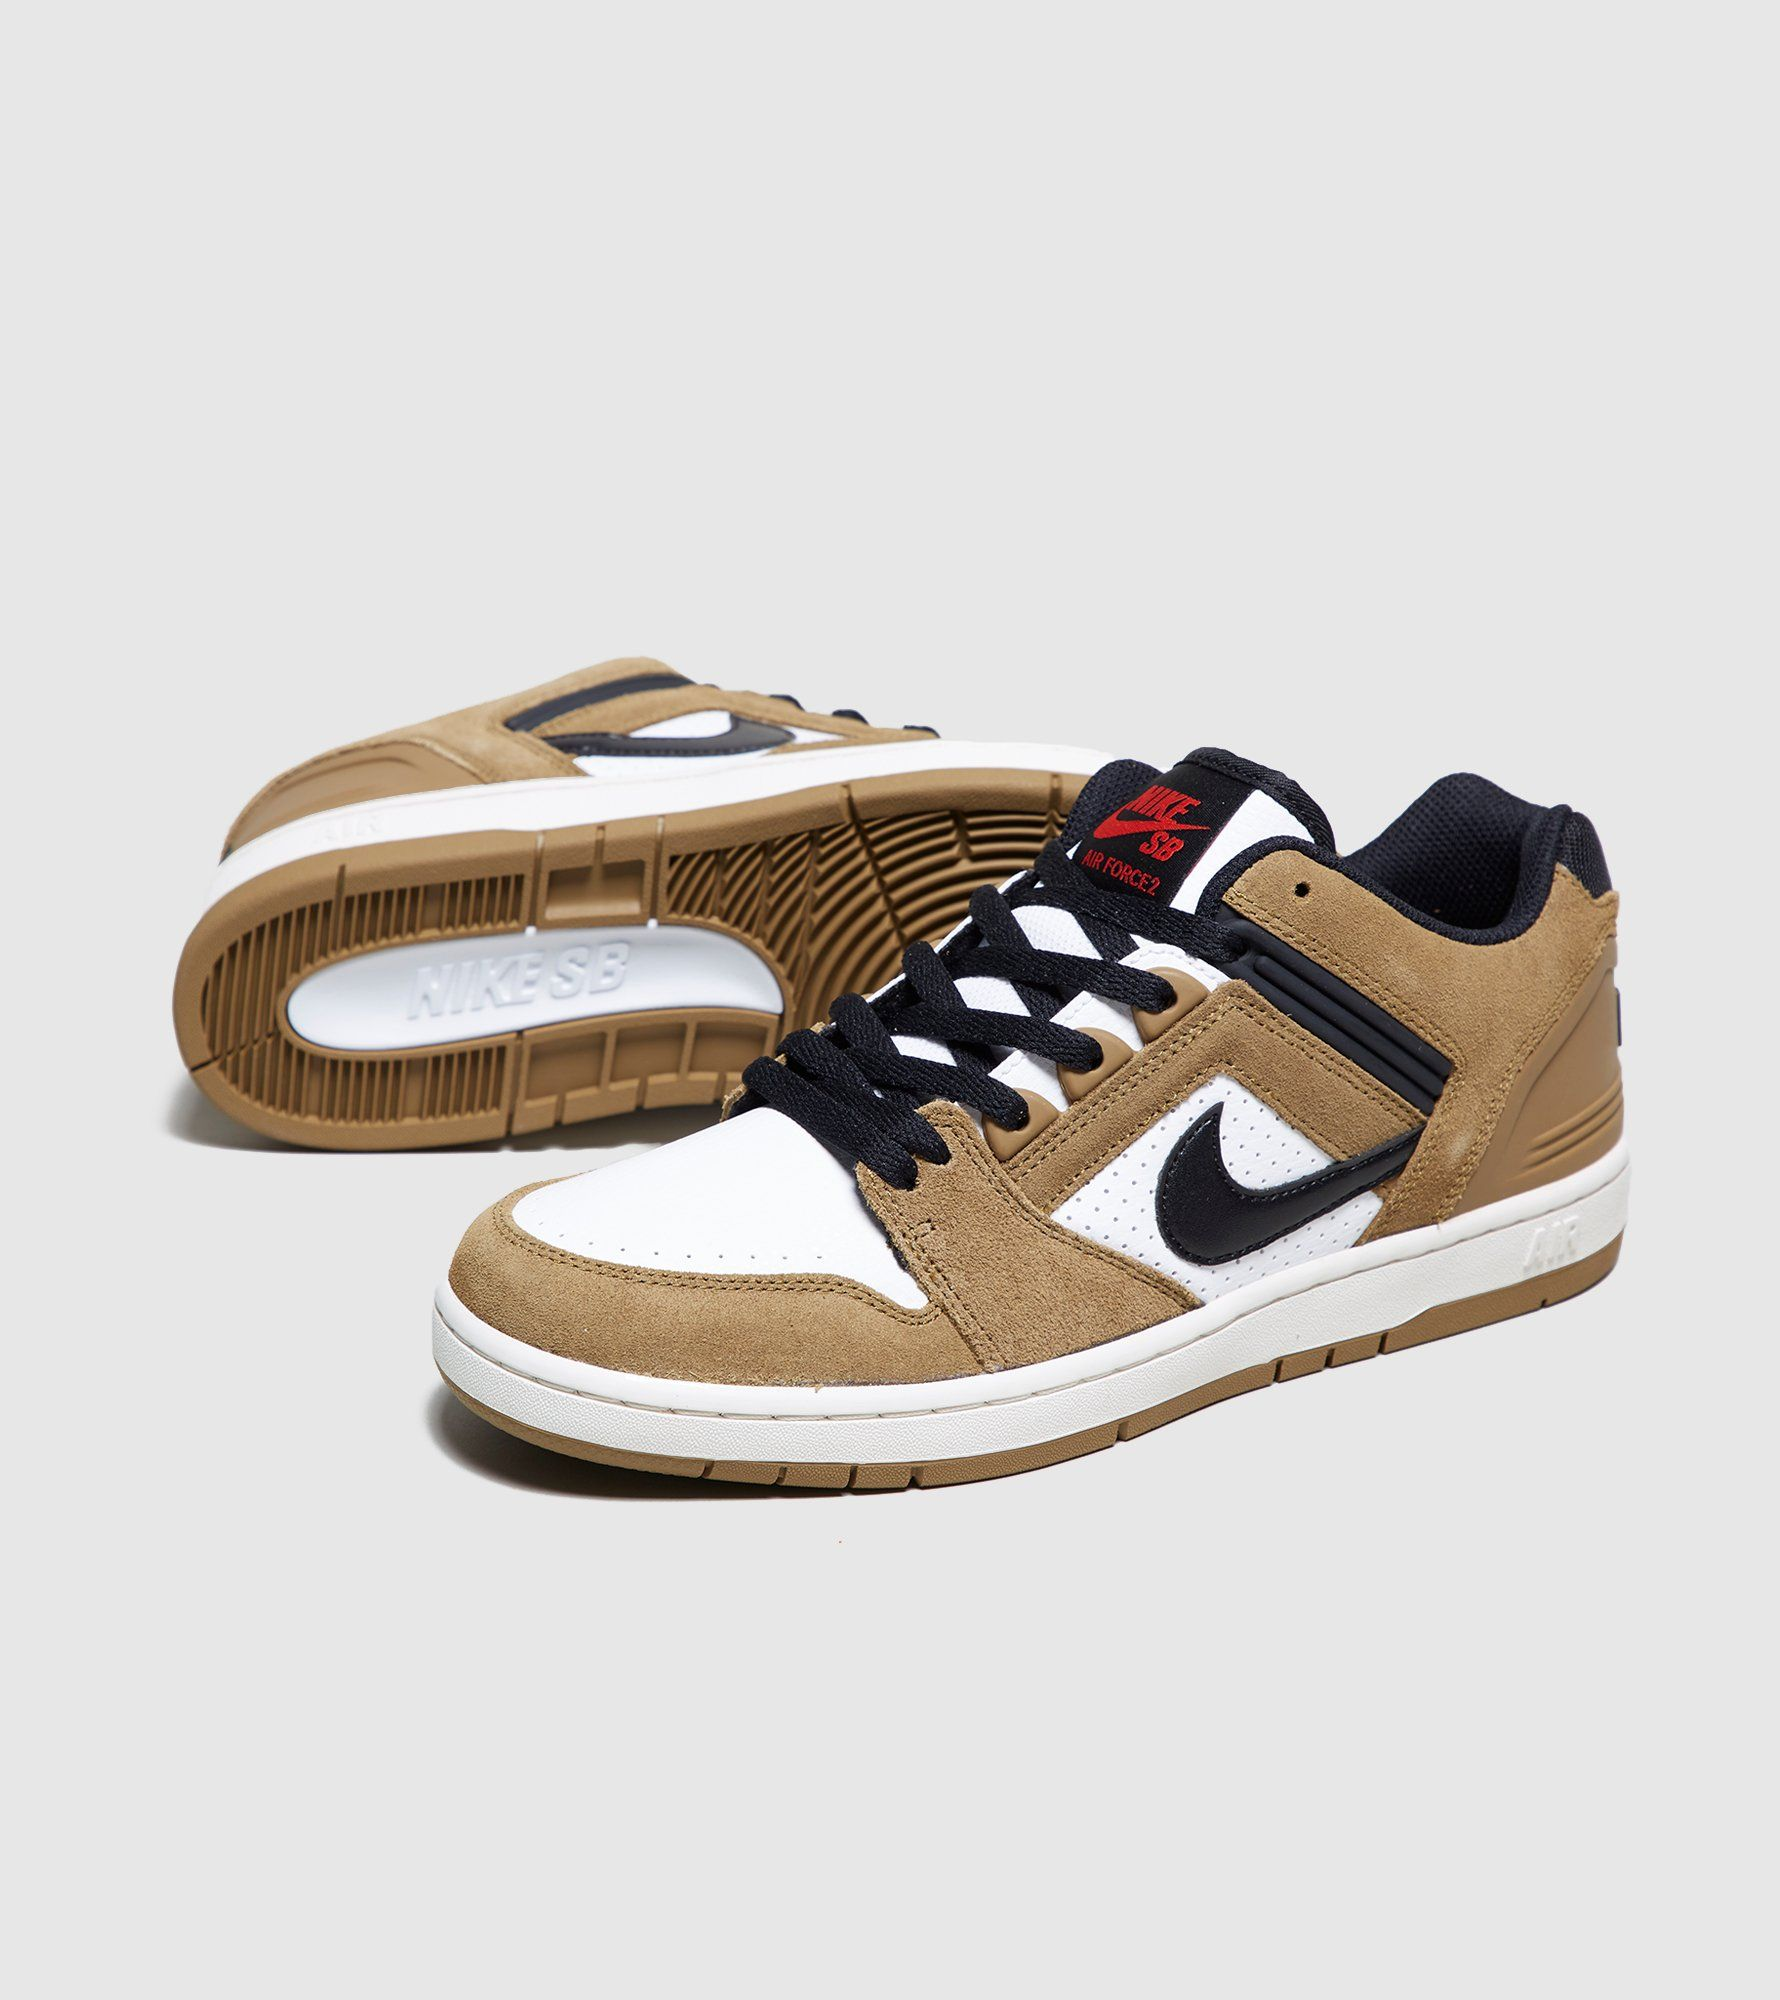 Nike SB Air Force 2